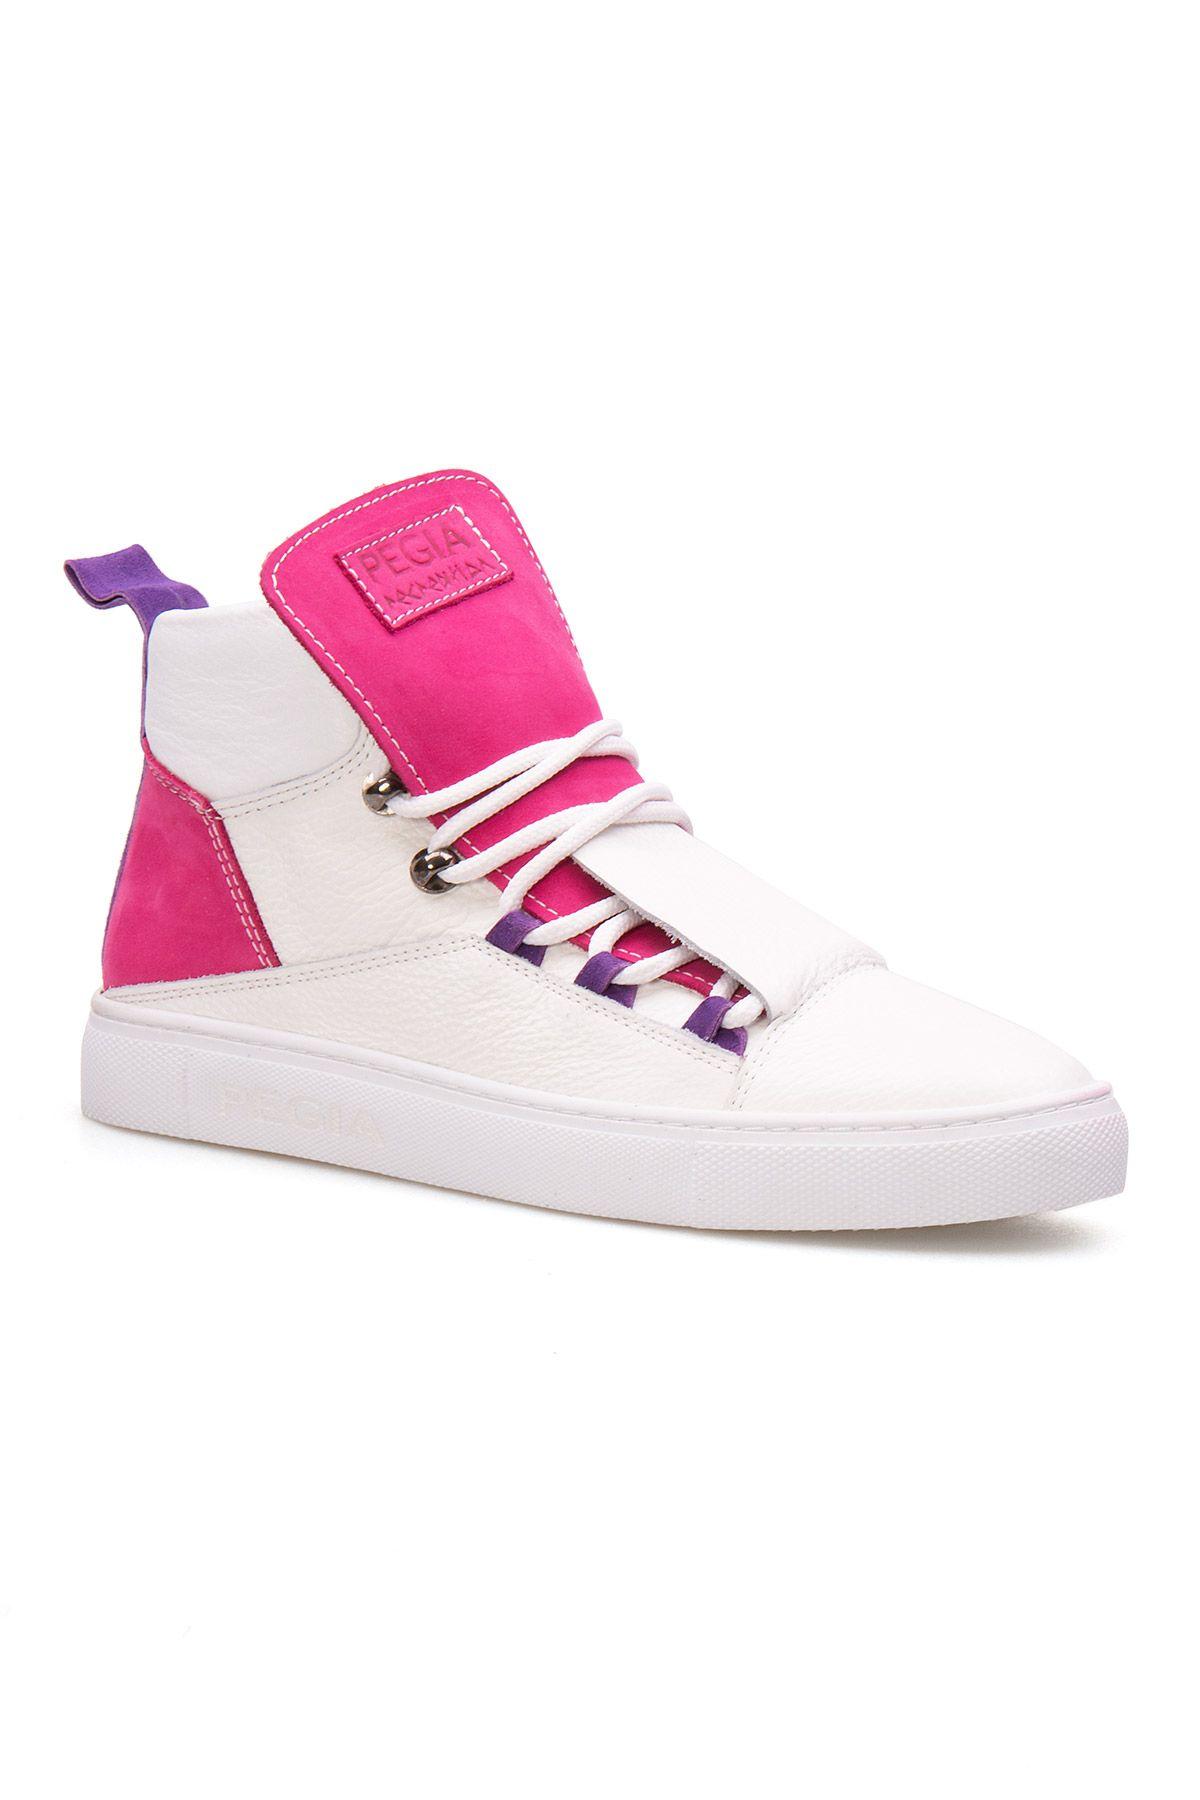 Pegia Genuine Leather Women's Sneaker LA1317 White